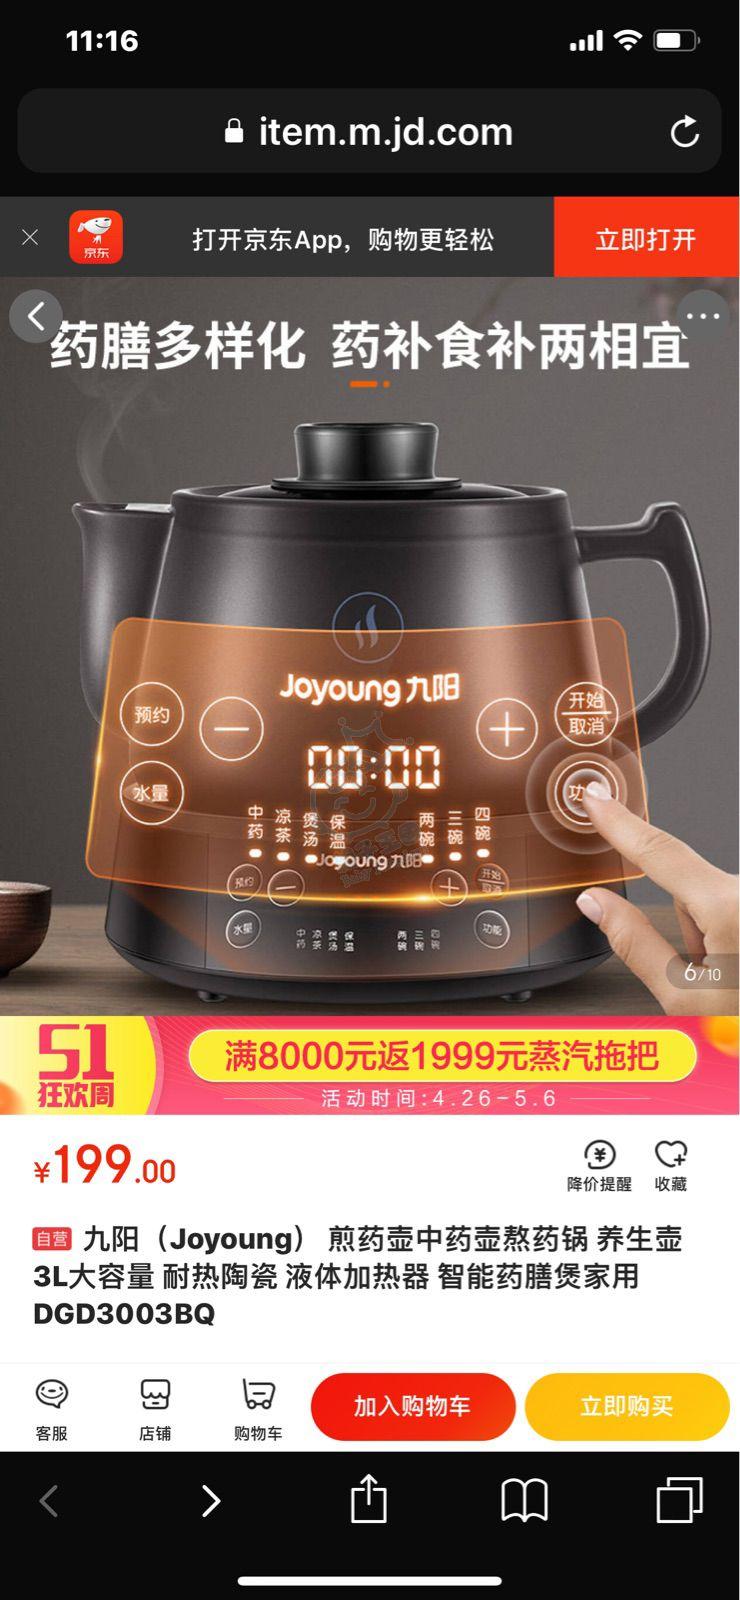 九陽藥膳煲 - 網購天地 - Baby Kingdom - 親子王國 香港 討論區